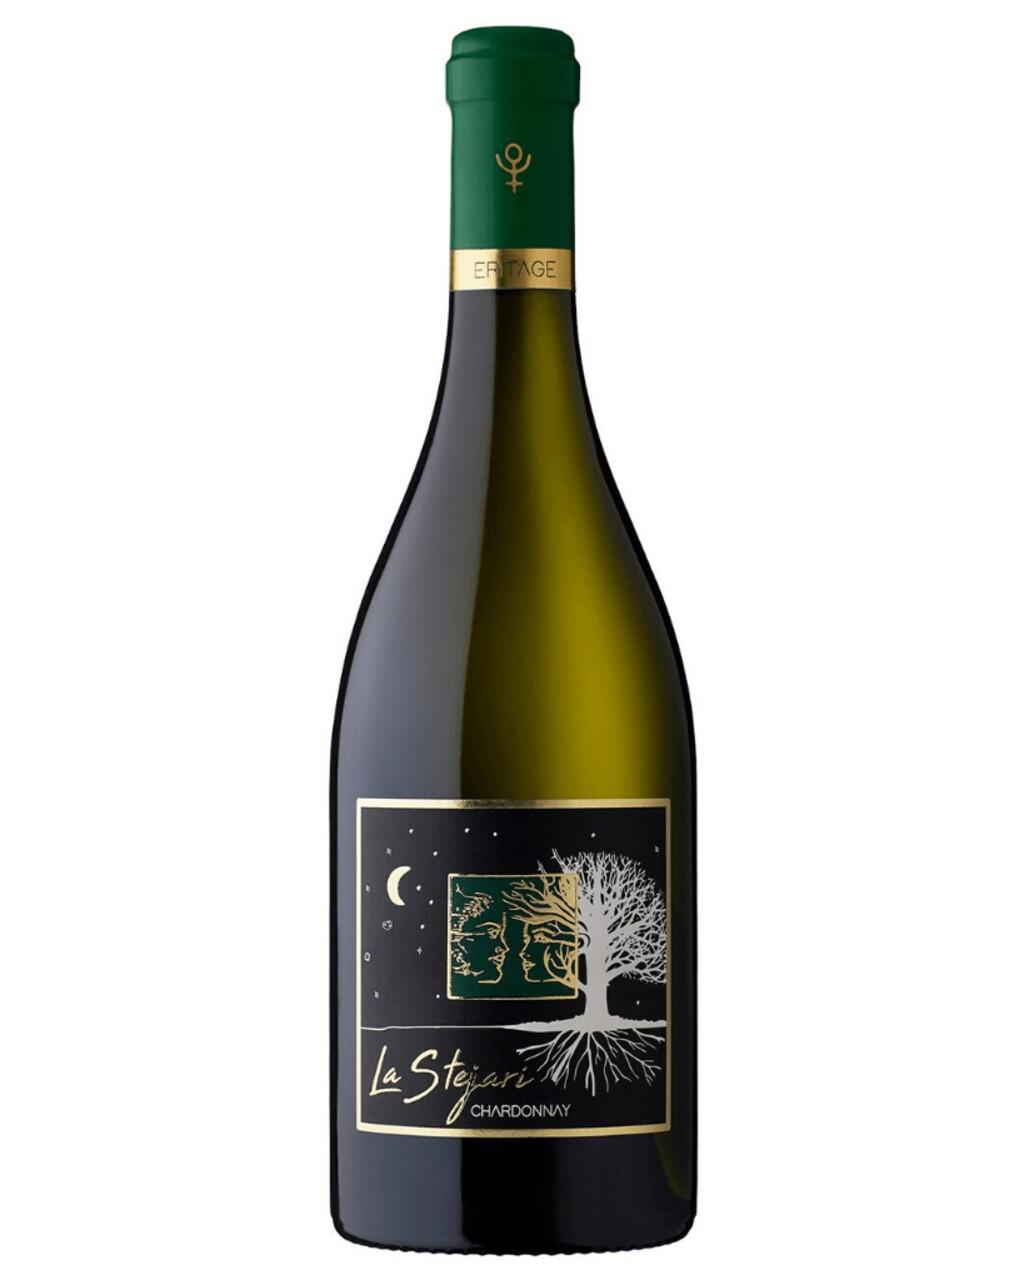 Recas La Stejari Chardonnay